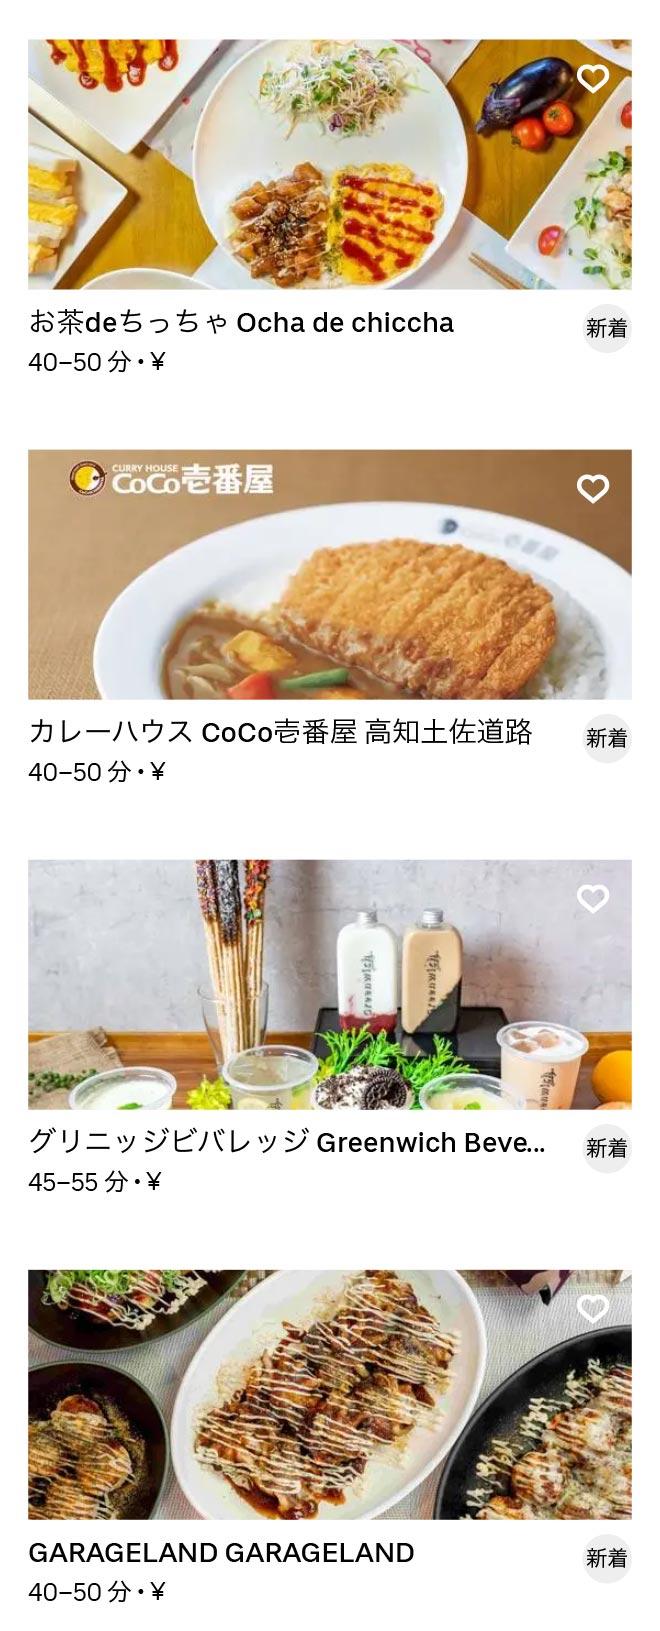 Asahi kouchi menu 2010 02